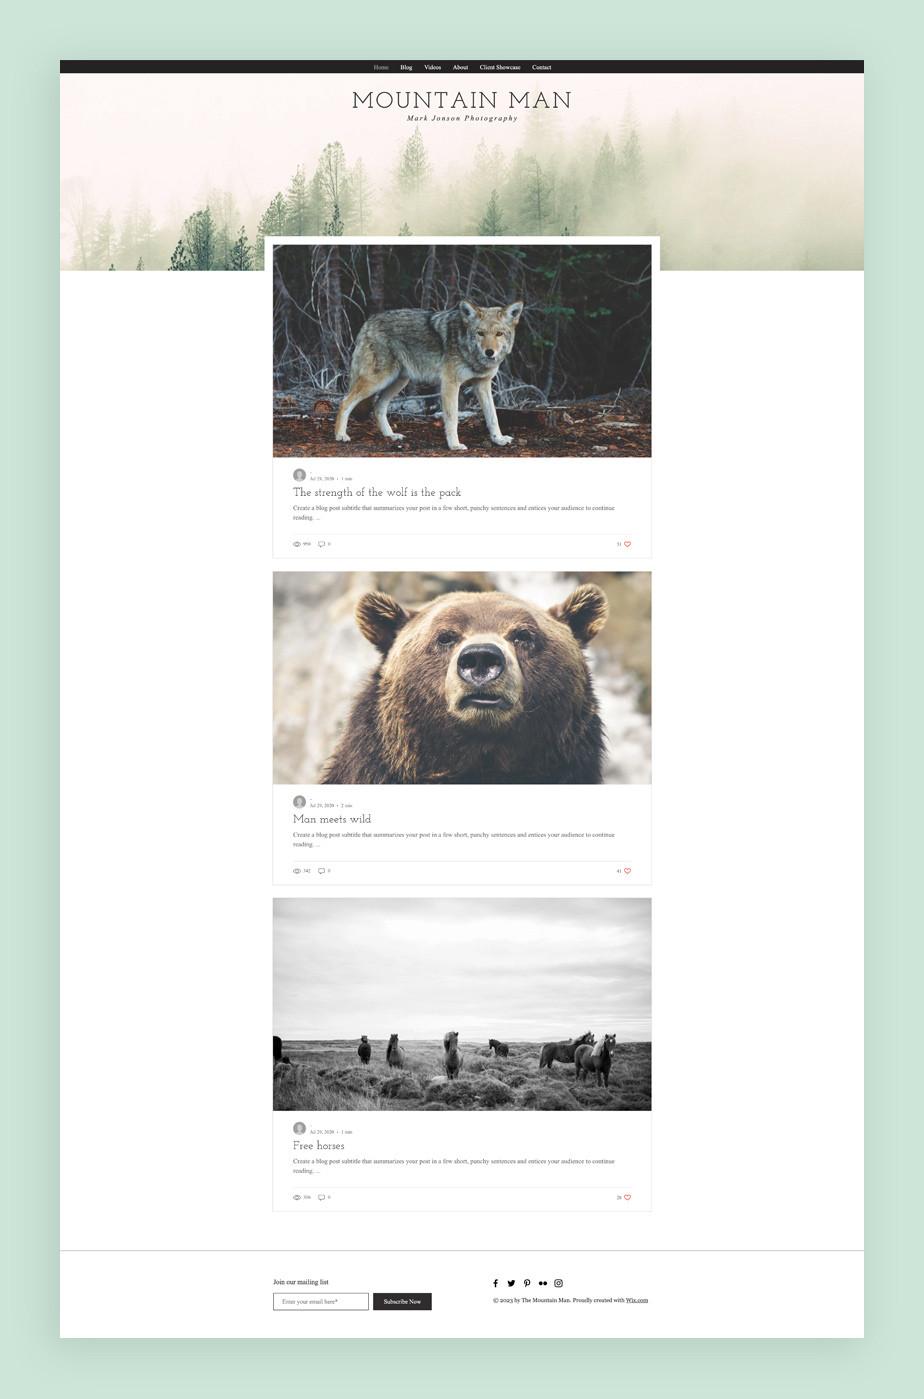 Plantilla para blogs de fotografía